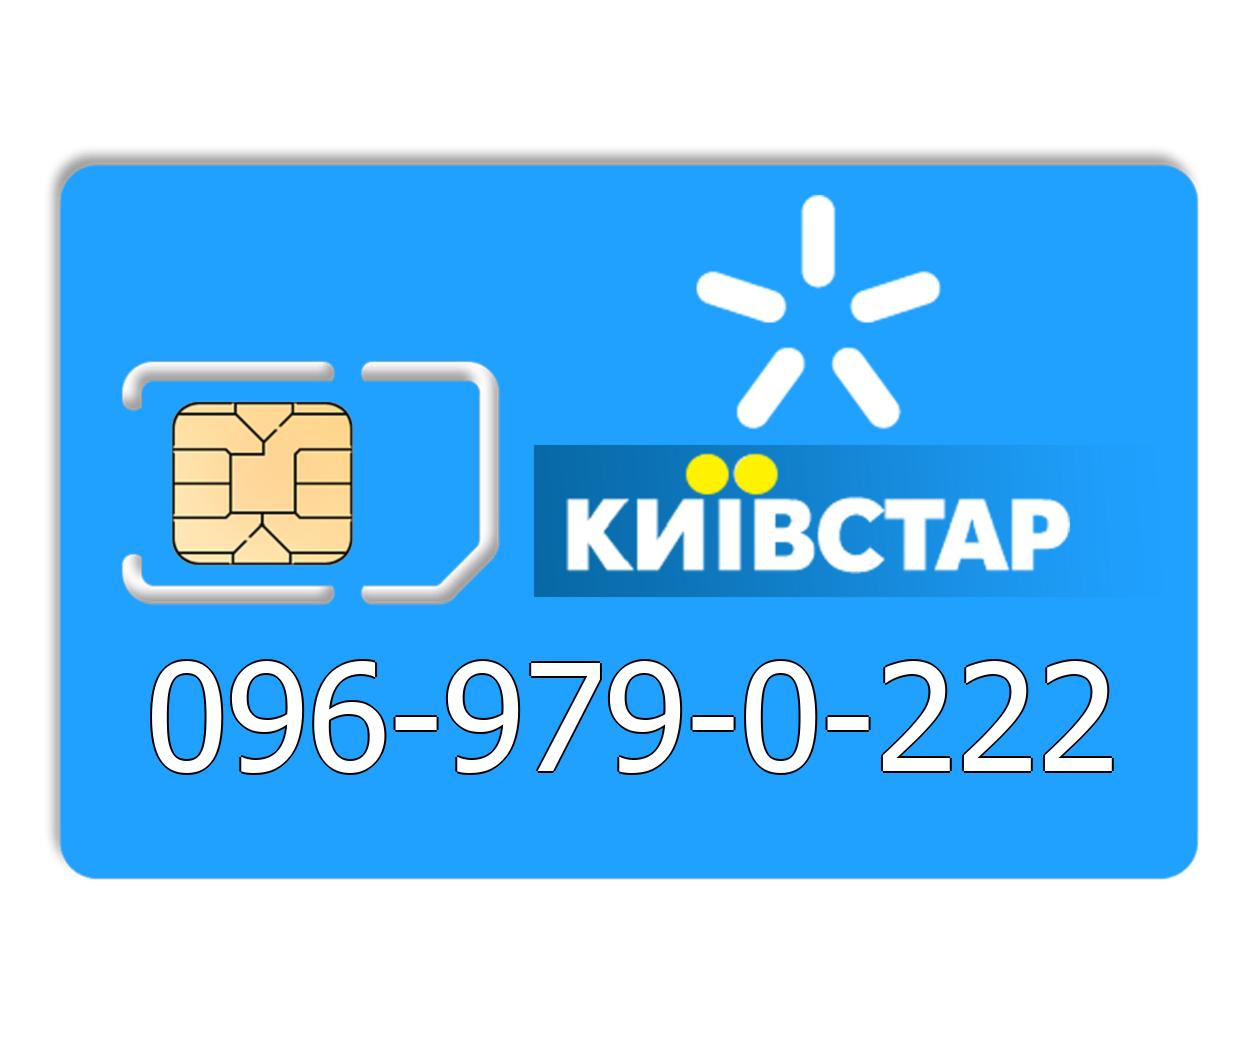 Красивый номер Киевстар 096-979-0-222